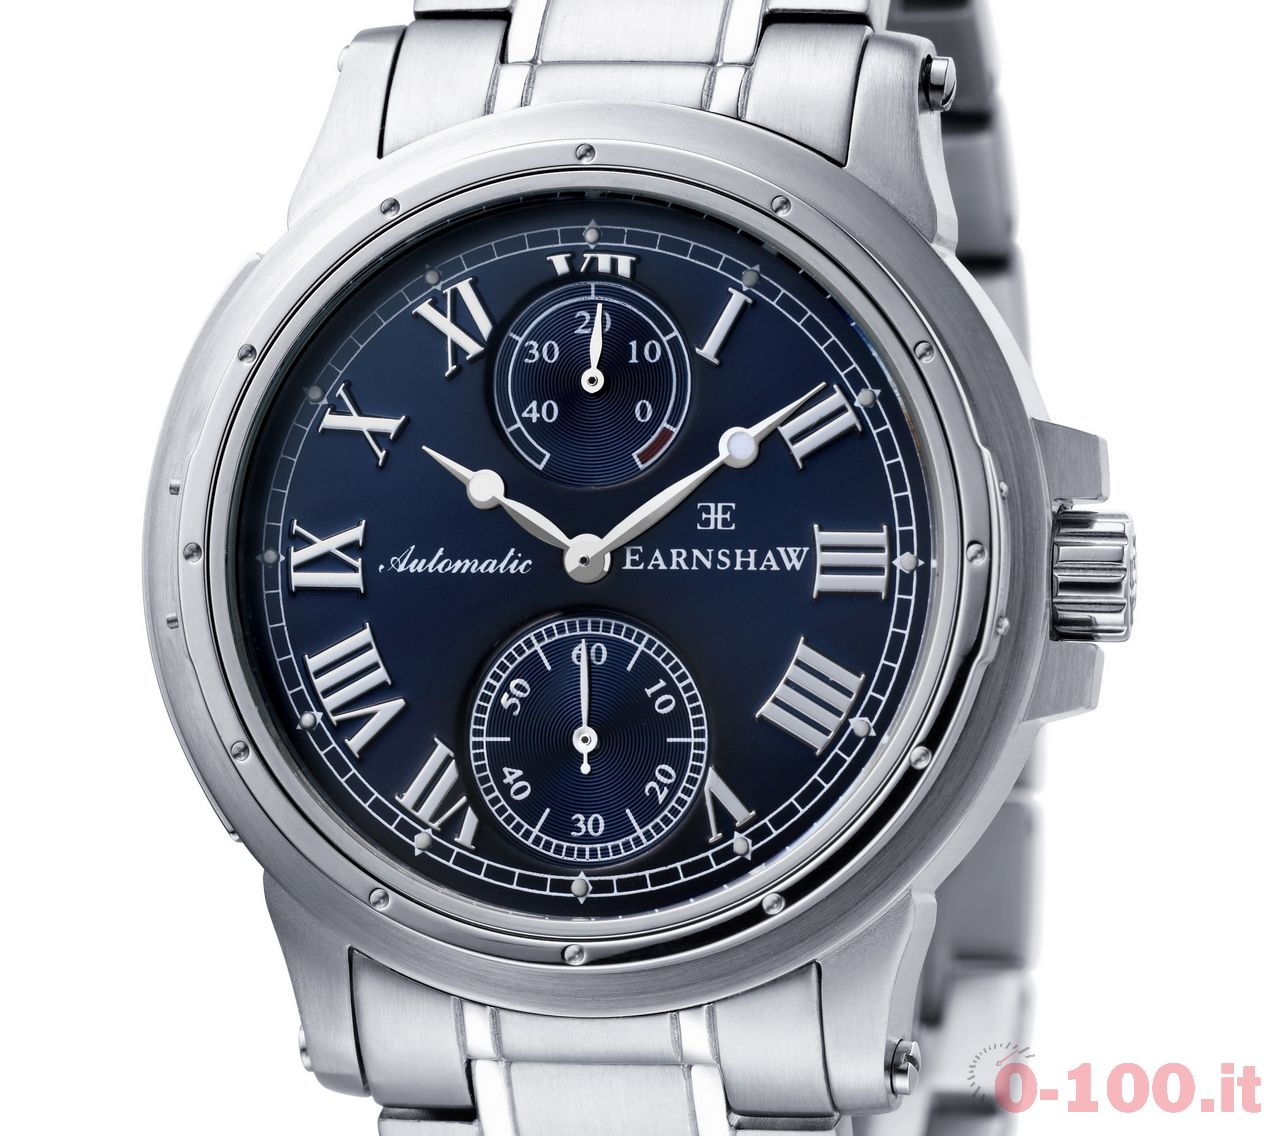 thomas-earnshaw-collezione-ashton-prezzo-price_0-1001